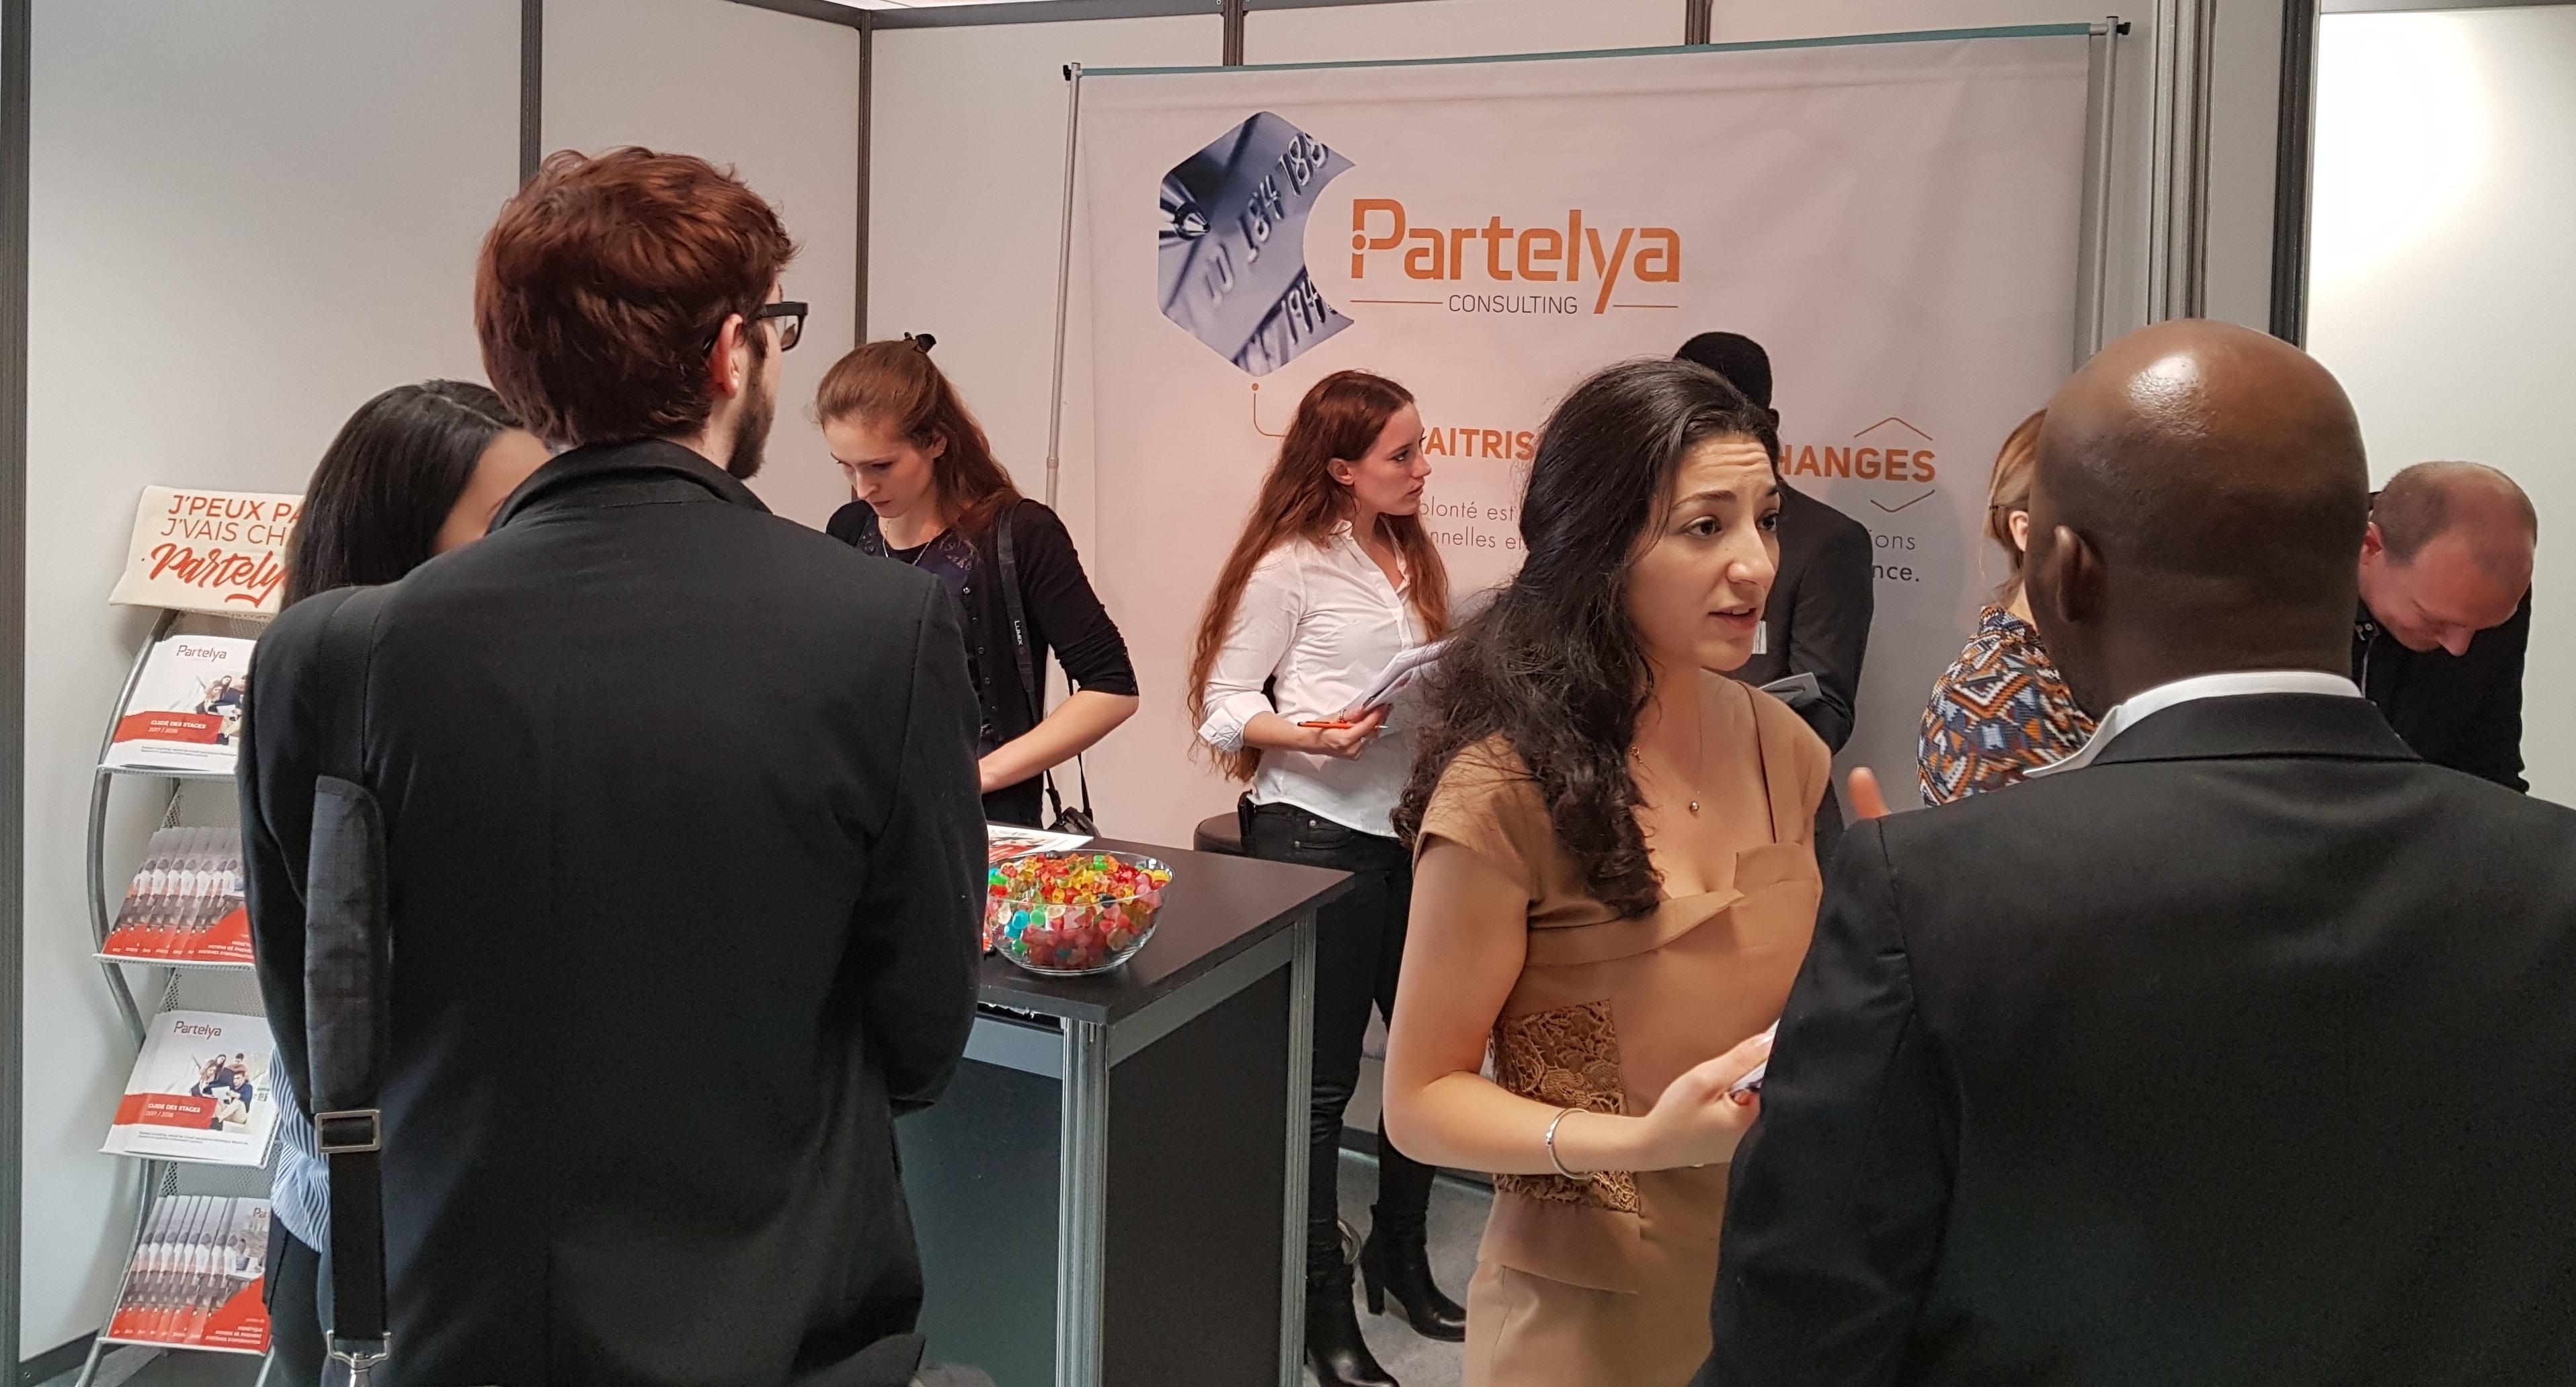 partelya_20171123